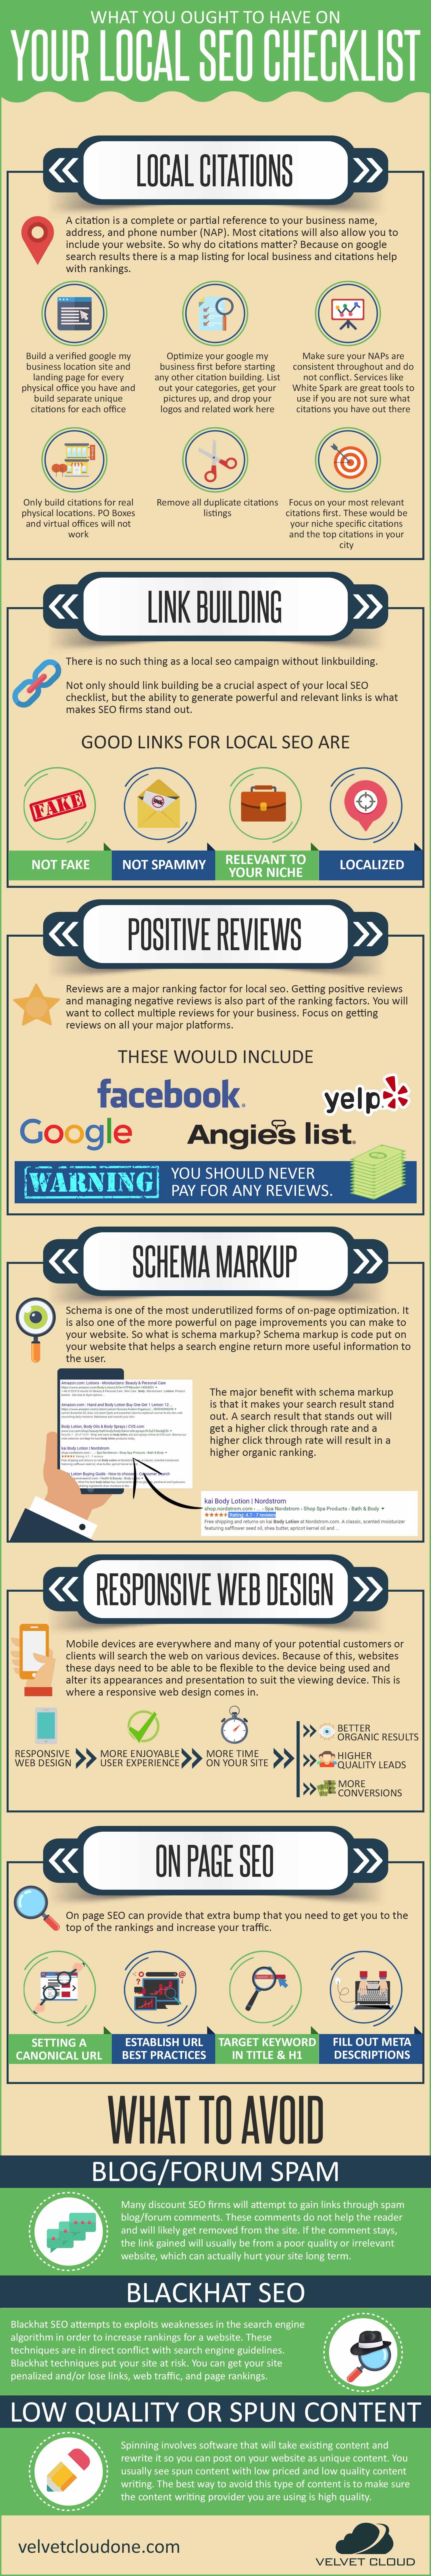 Your Local SEO Checklist